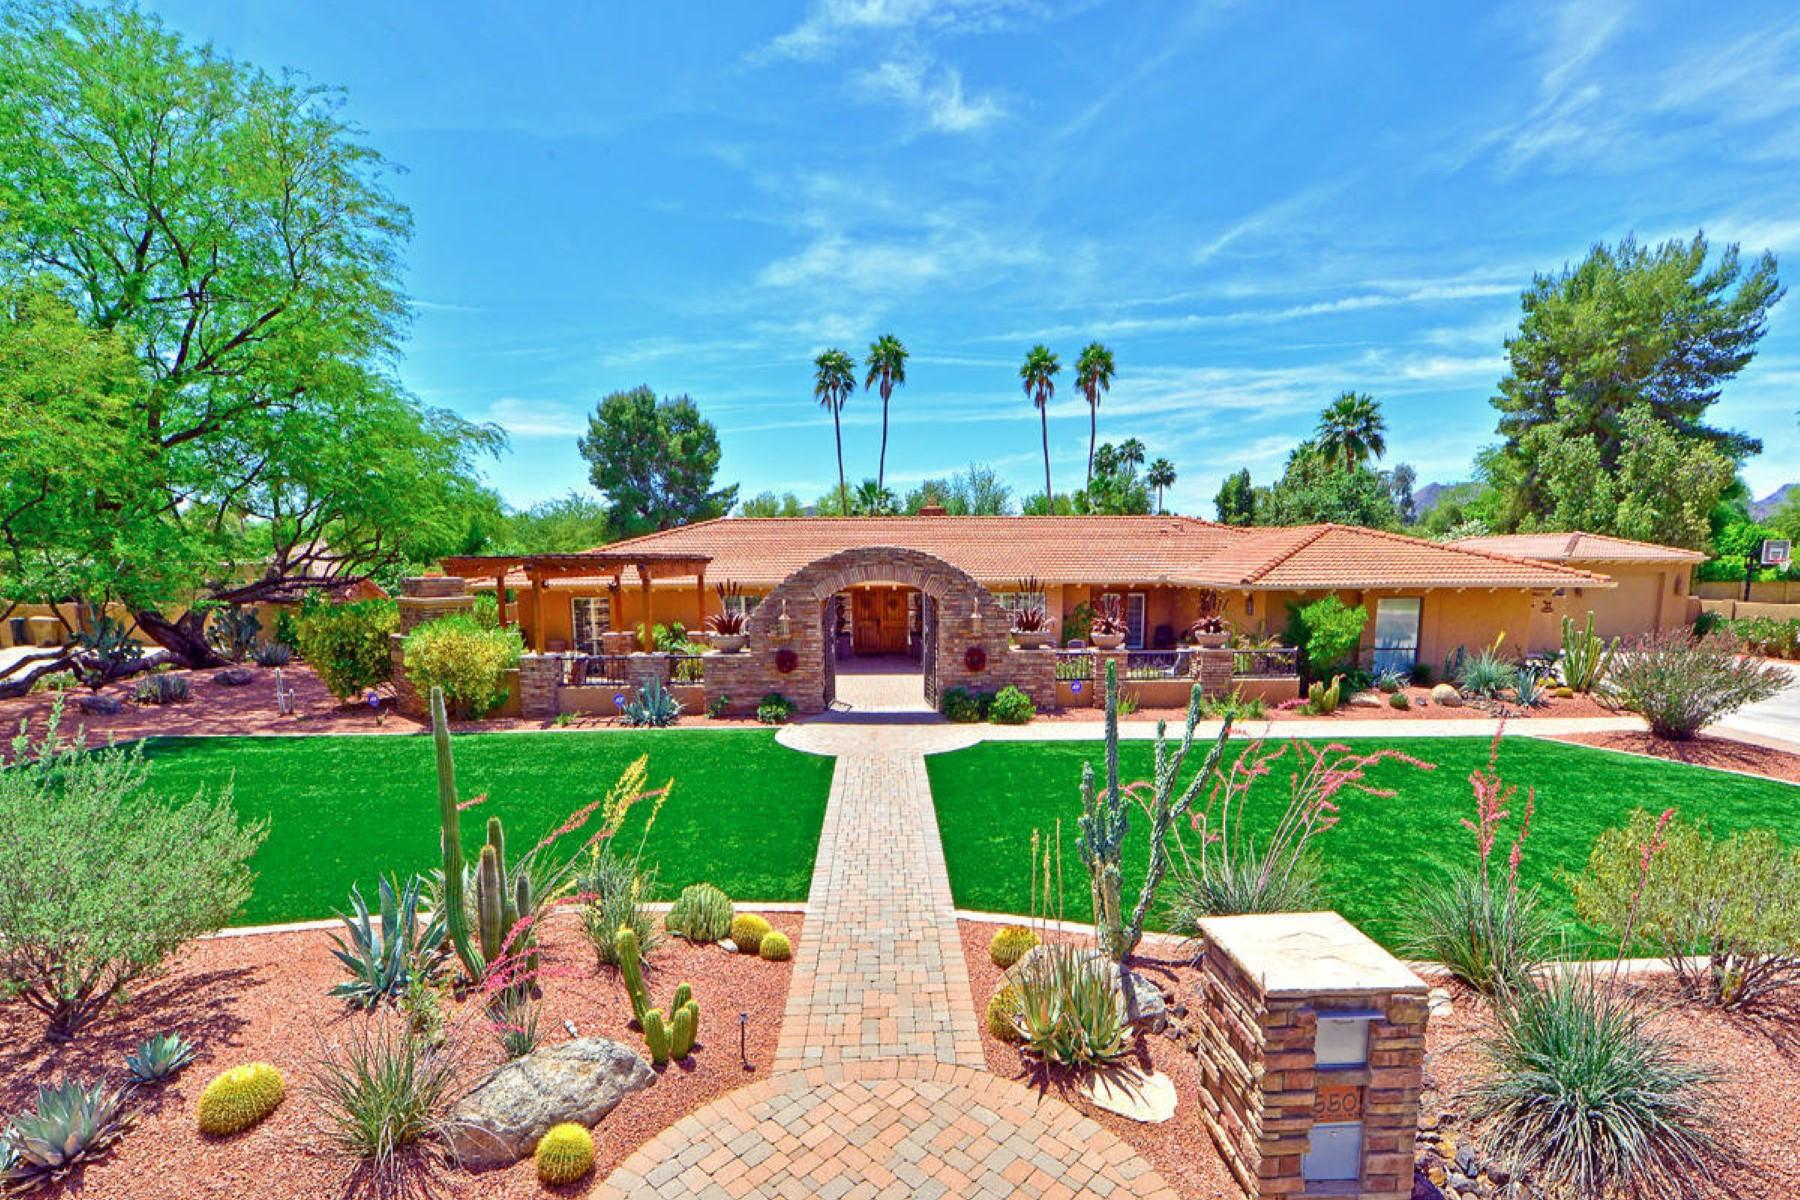 Casa para uma família para Venda às Ideal Scottsdale home in an ideal location. 5501 E CHOLLA ST Scottsdale, Arizona 85254 Estados Unidos